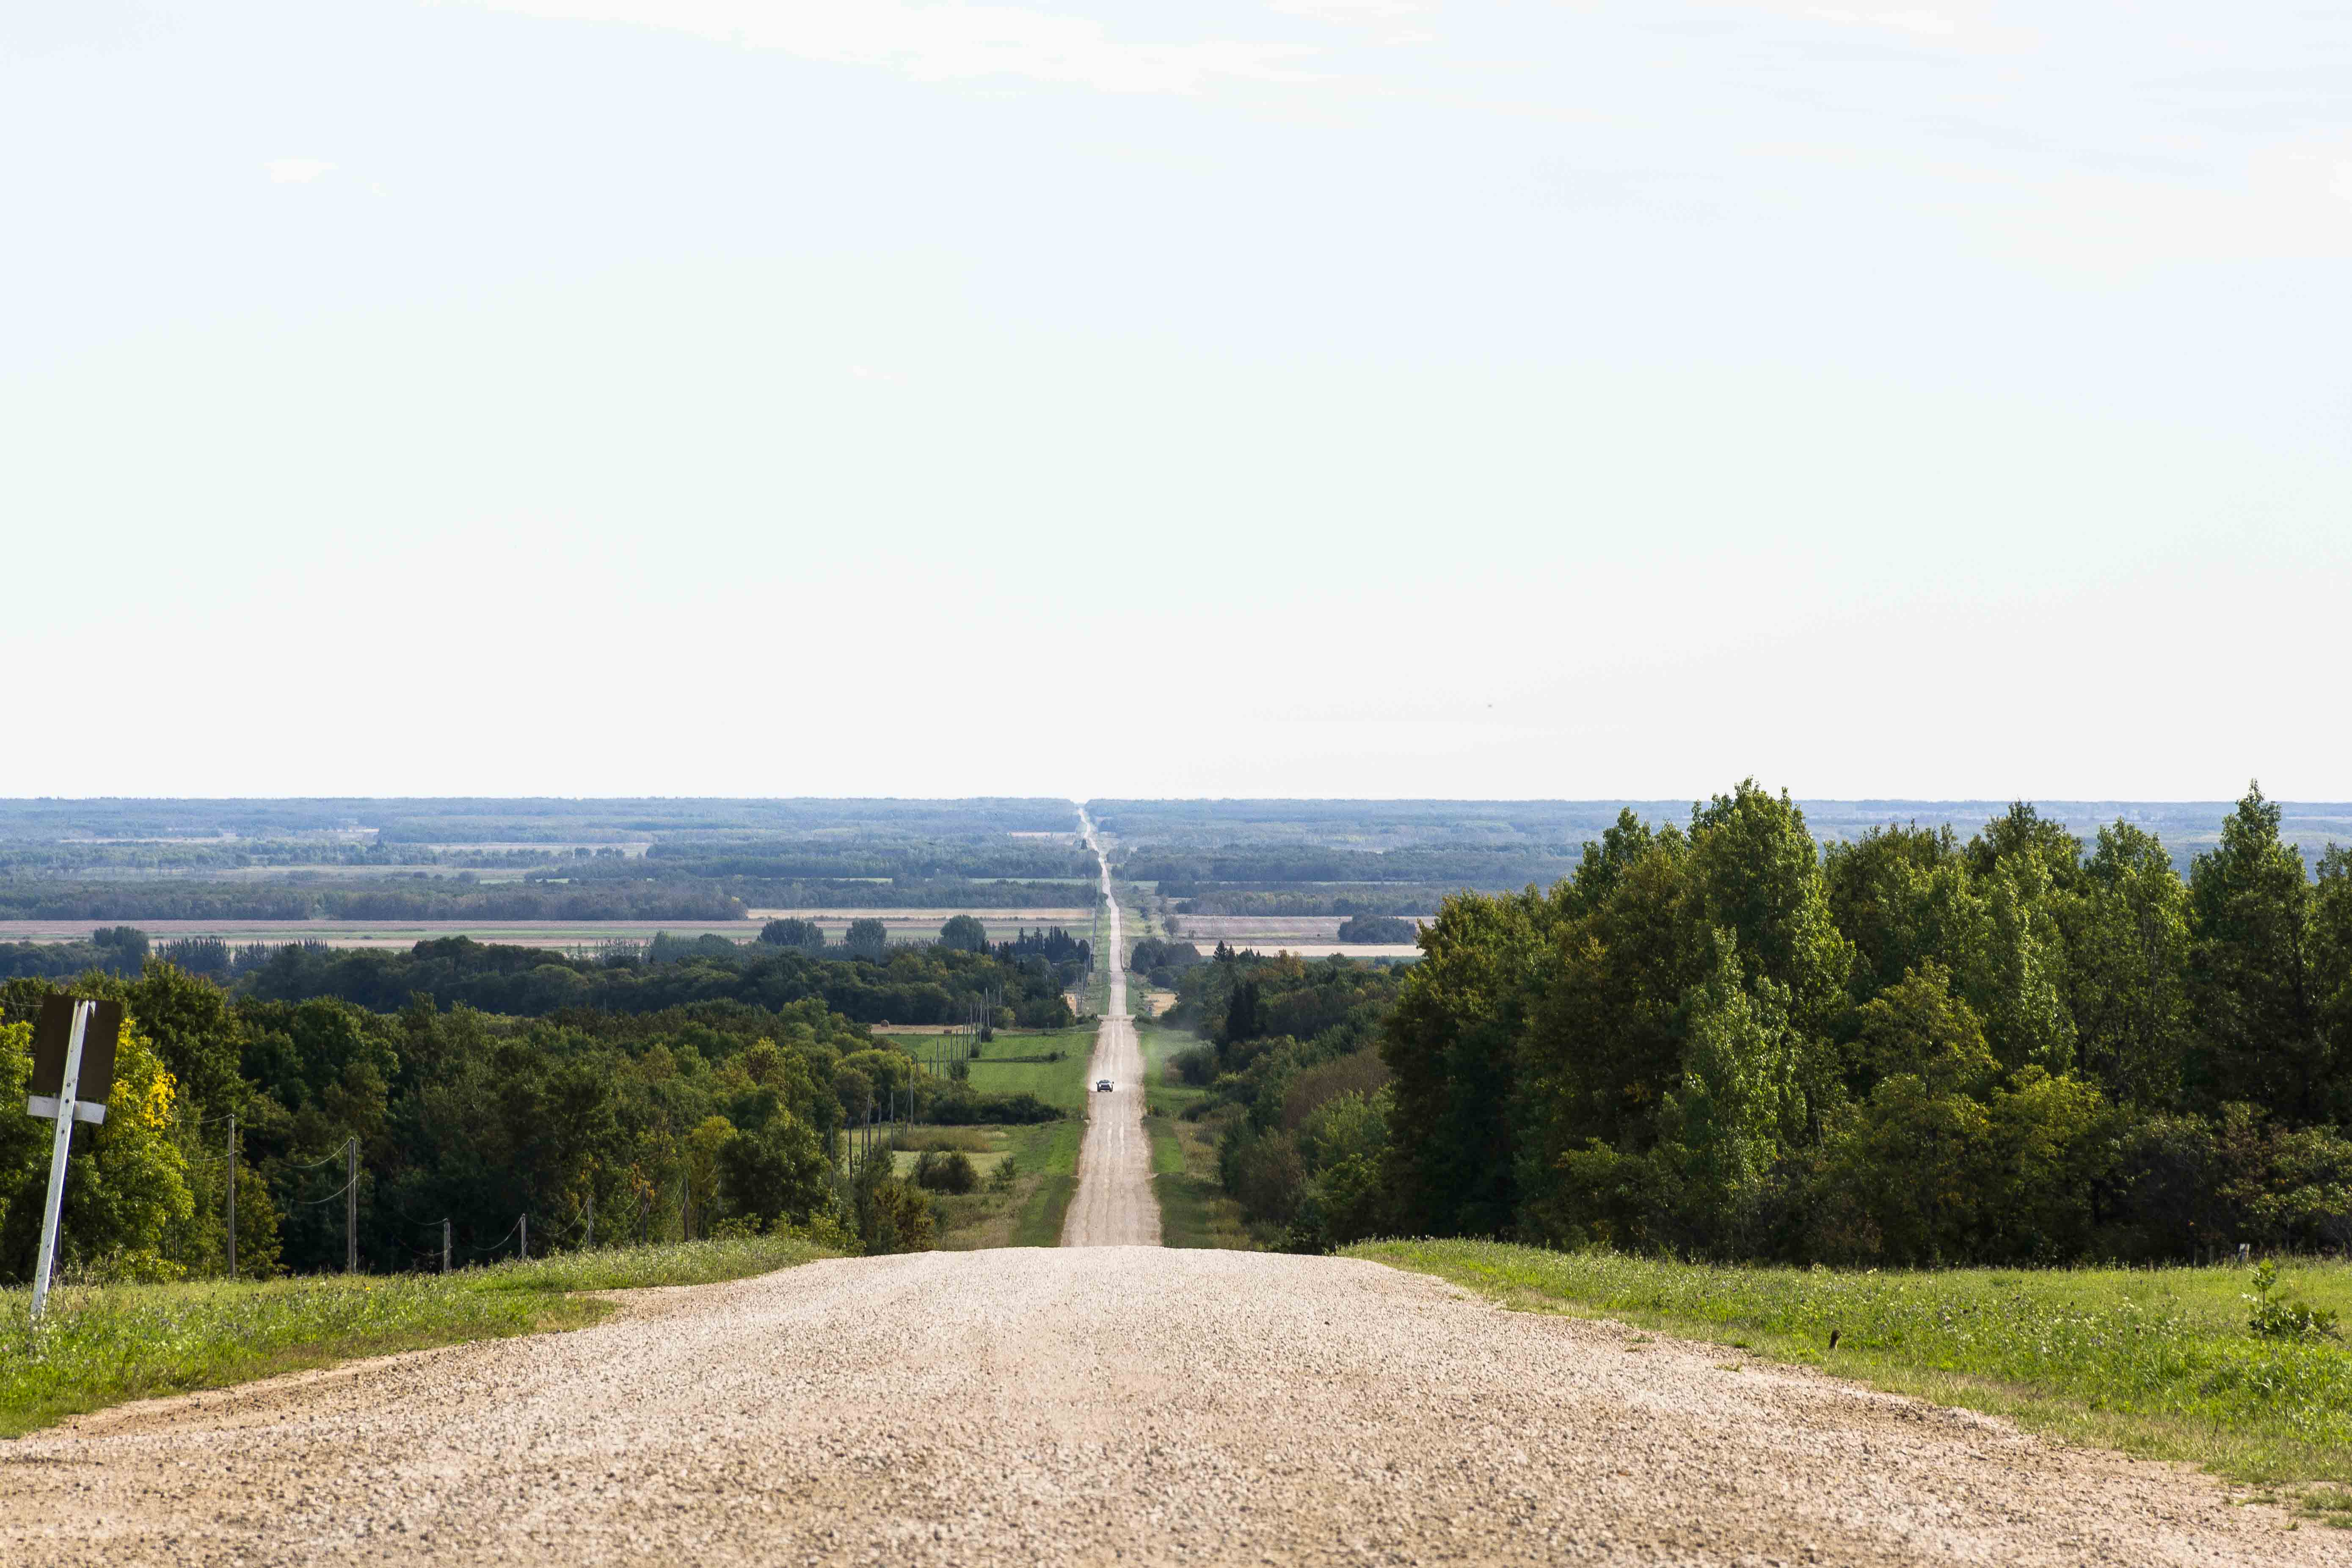 Weites Land in Manitoba. Straße in den Riding Mountain National Park im Westen Manitobas. Foto: Flora Jädicke